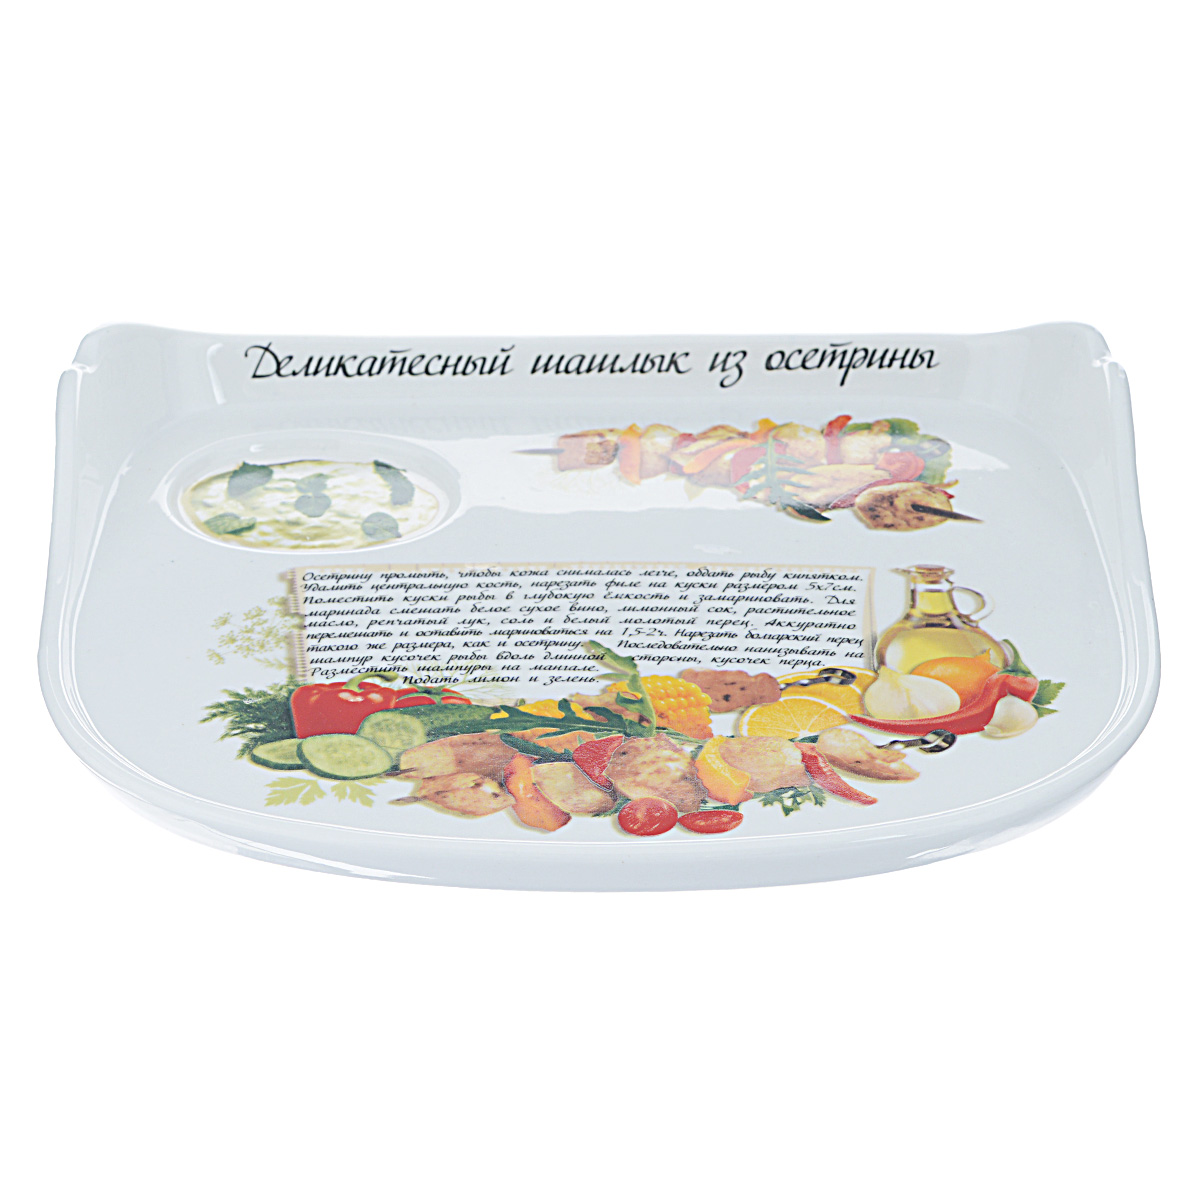 Блюдо LarangE Деликатесный шашлык из осетрины, цвет: белый, 24,5 см х 19,5 см528-340Блюдо LarangE Деликатесный шашлык из осетрины, выполненное из высококачественной керамики, предназначено для красивой сервировки шашлыка. Блюдо оснащено удобными ручками и специальным отверстием под соус. Блюдо декорировано надписью Деликатесный шашлык из осетрины и его изображением. Кроме того, для упрощения процесса приготовления прямо на блюде написан рецепт и нарисованы необходимые продукты.Блюдо LarangE Деликатесный шашлык из осетрины украсит ваш праздничный стол, а оригинальное исполнение понравится любой хозяйке. Размер блюда: 24,5 см х 19,5 см х 1 см.